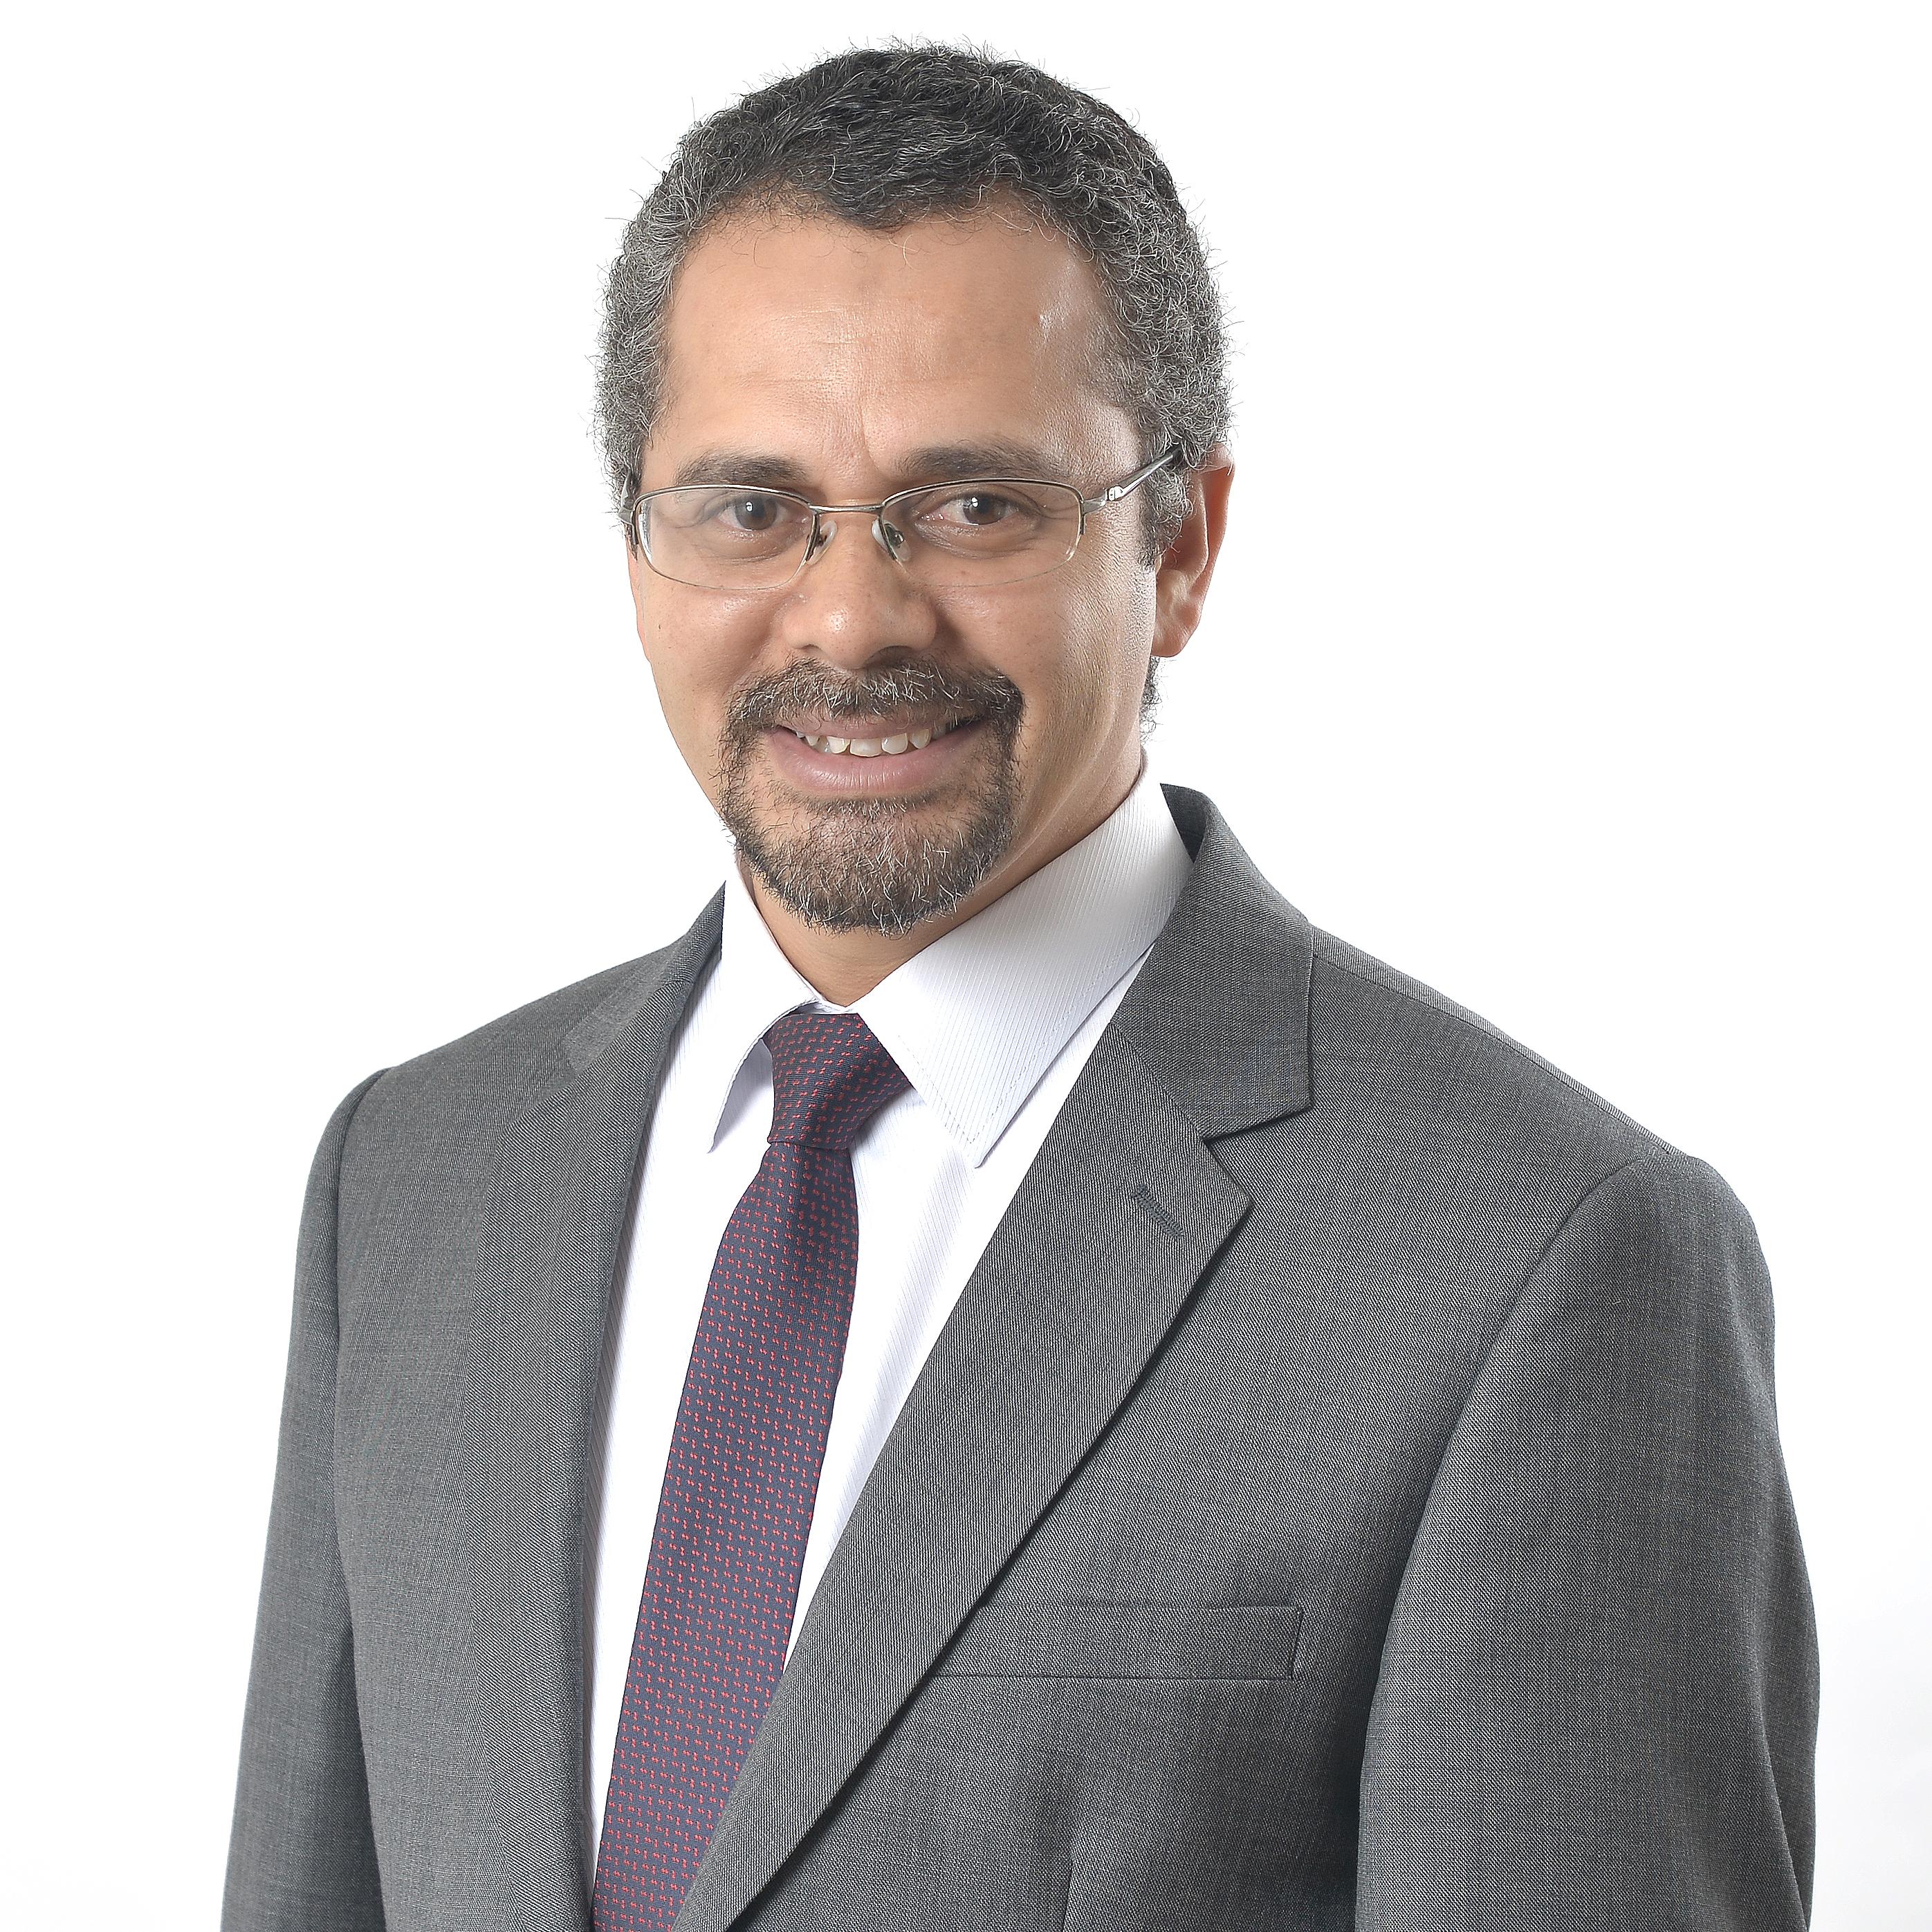 Carlos Sérgio Pereira